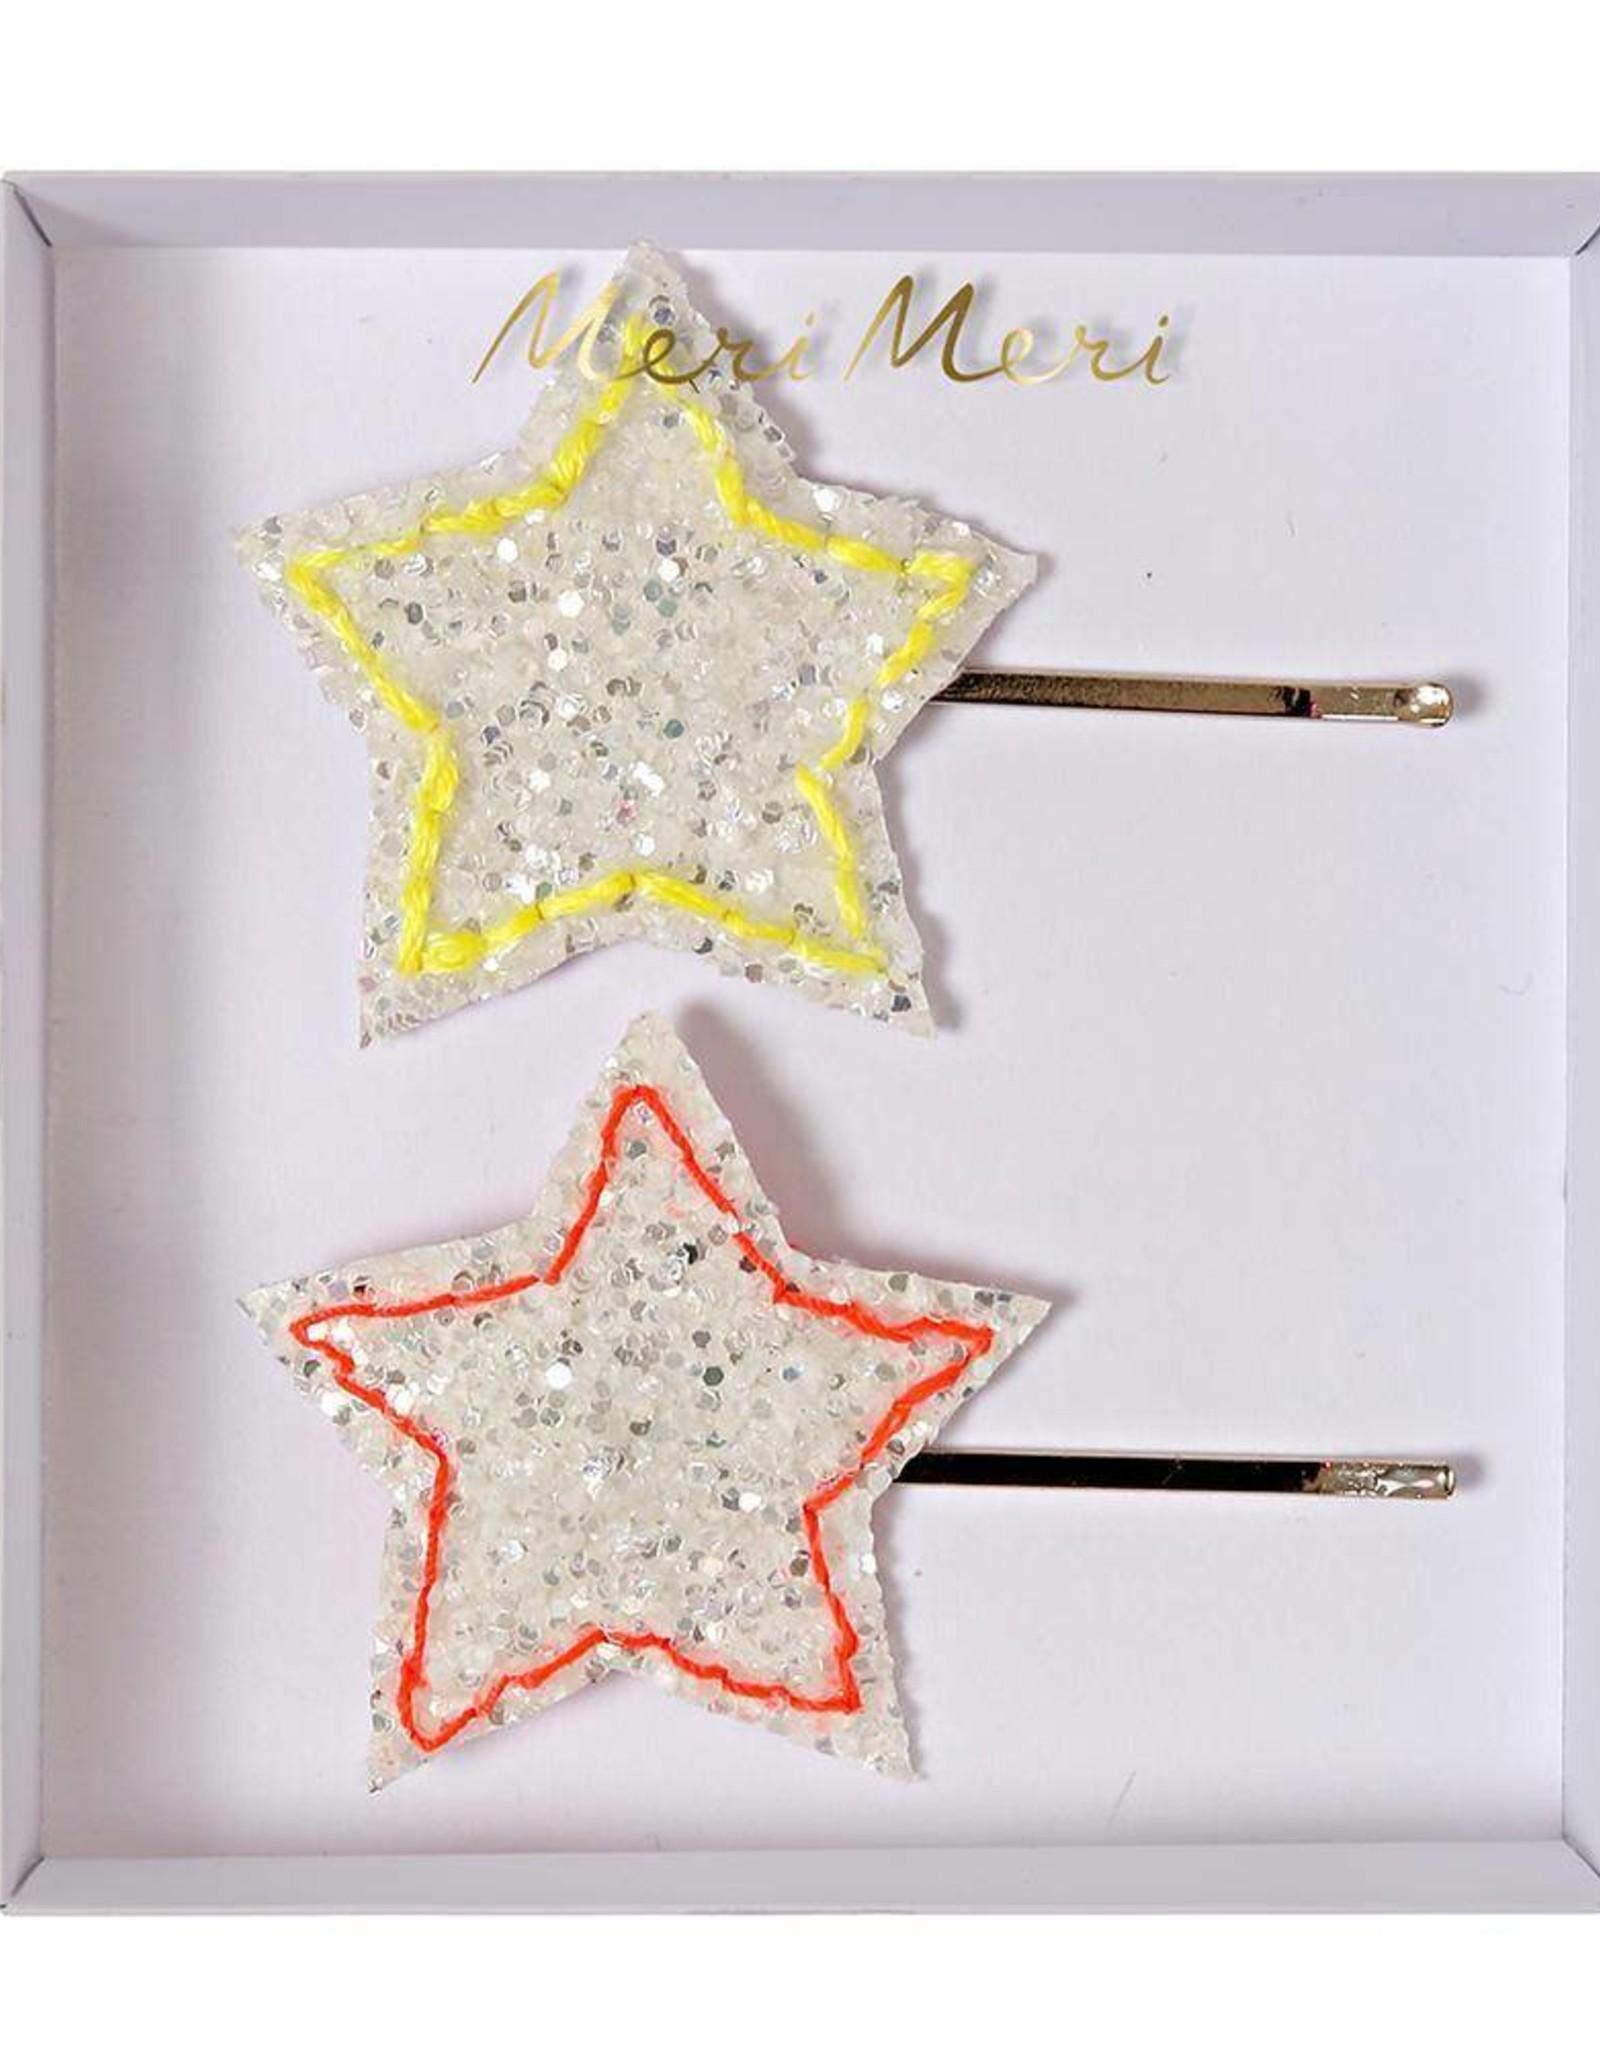 Meri Meri glitter star hairclips